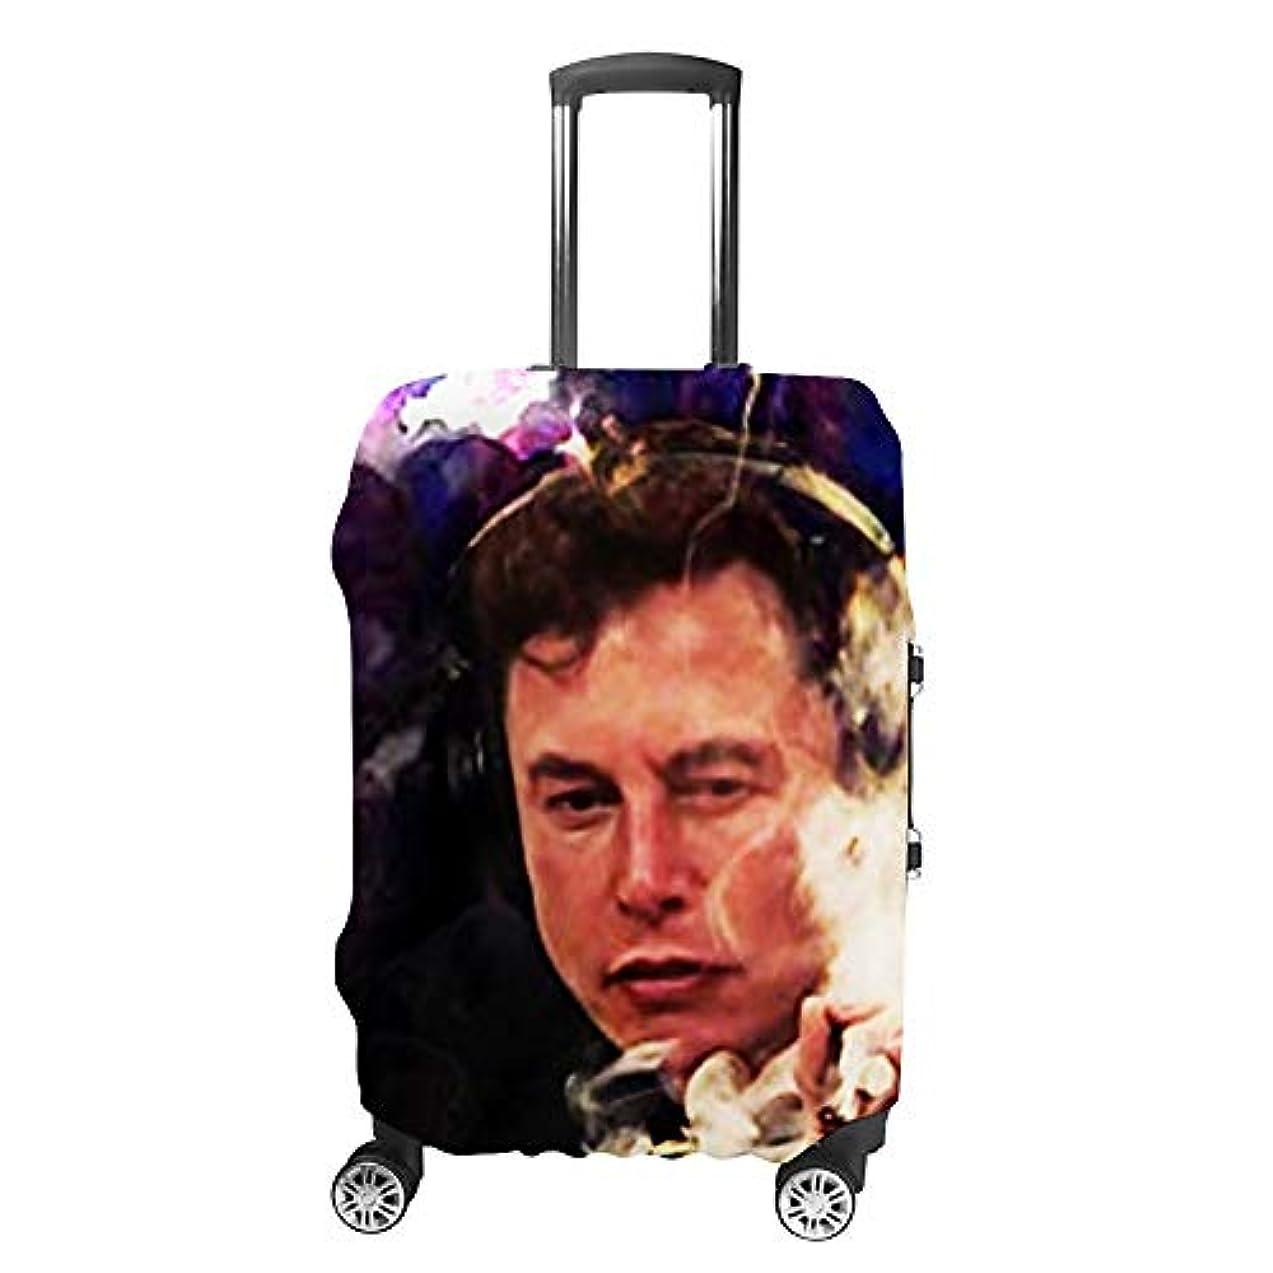 スキャンデンプシーケイ素Elon Musk ファッション旅行荷物カバースーツケース荷物プロテクター旅行カバー男性用女性用